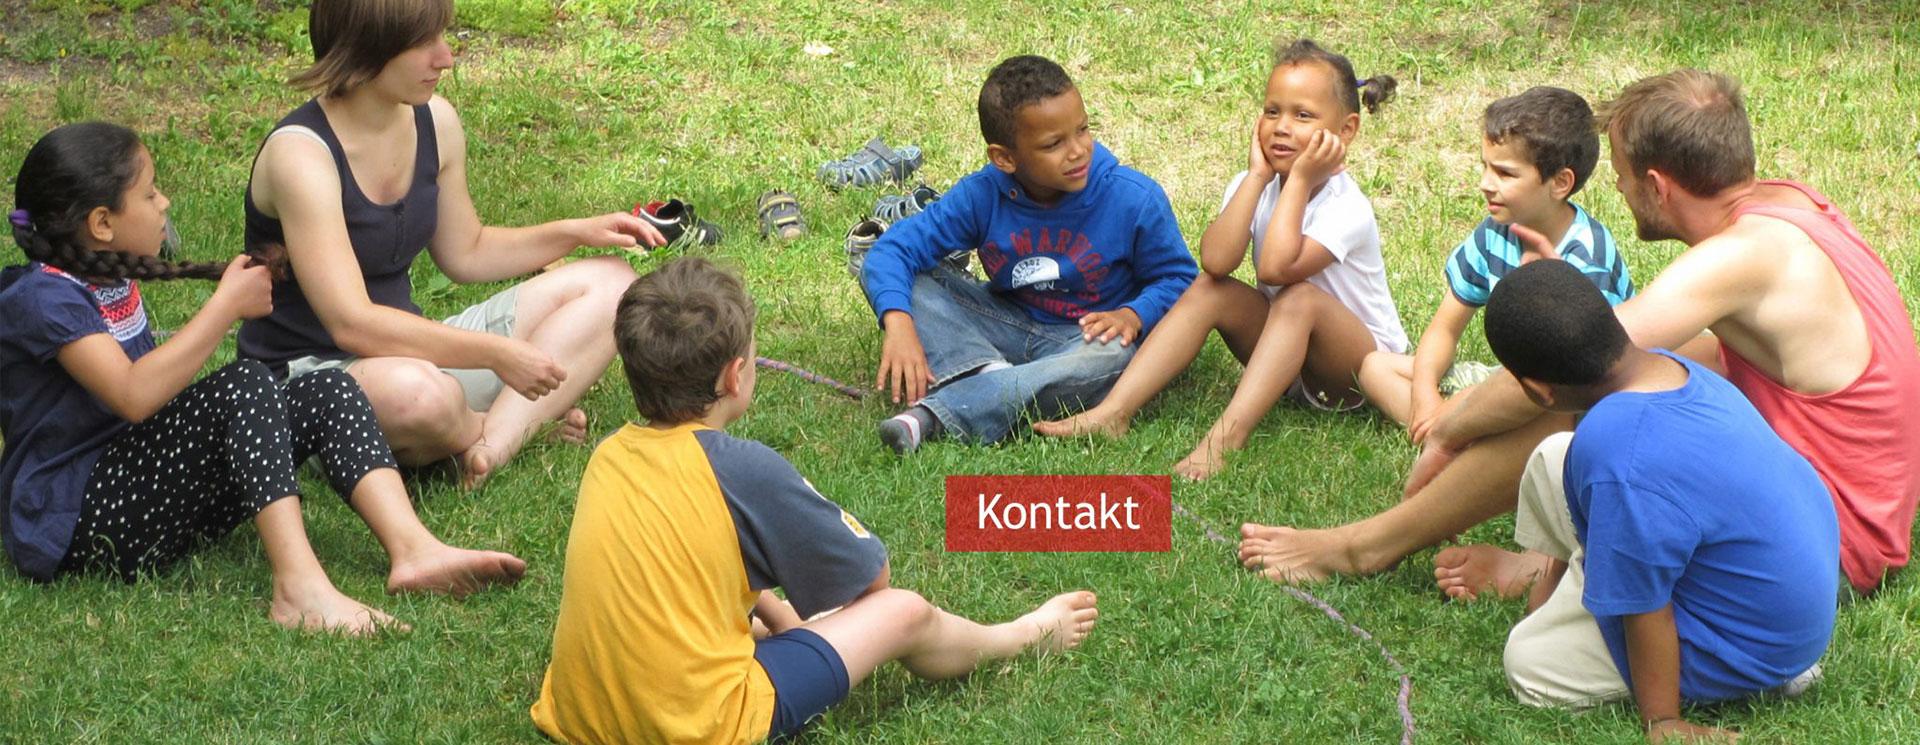 Kinder und Jugendliche auf Wiese